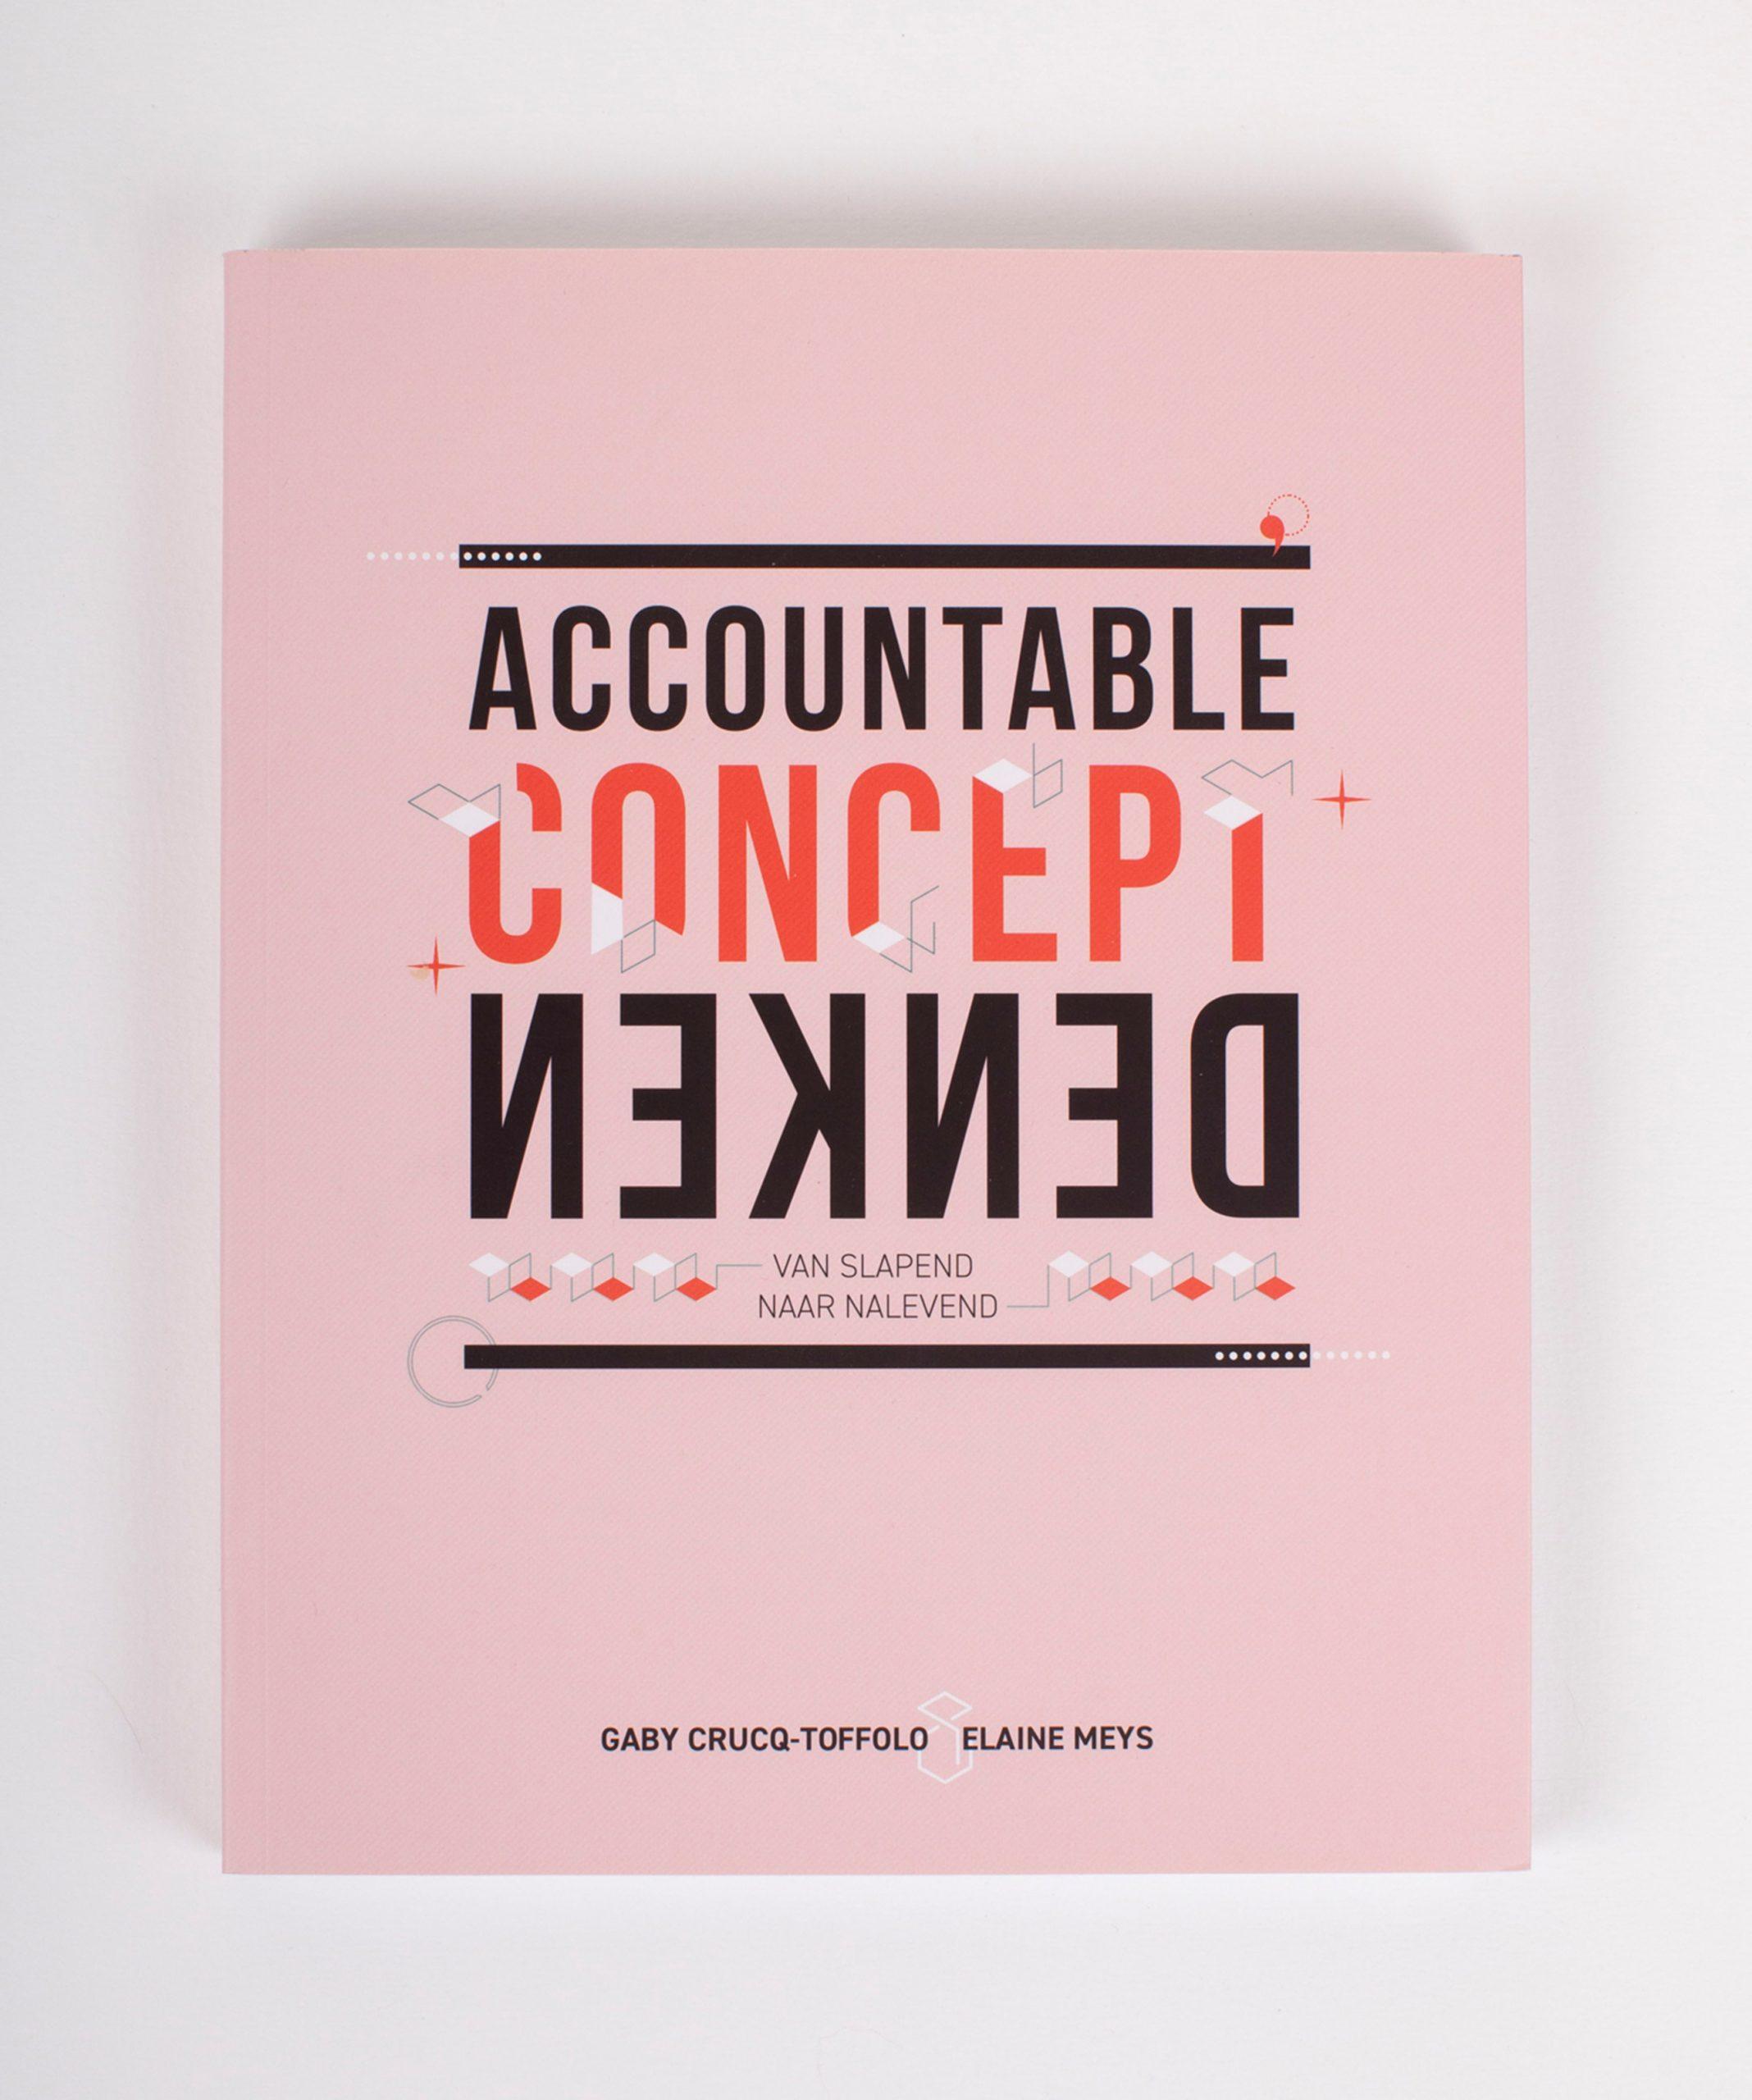 concepting-acountable concept denken